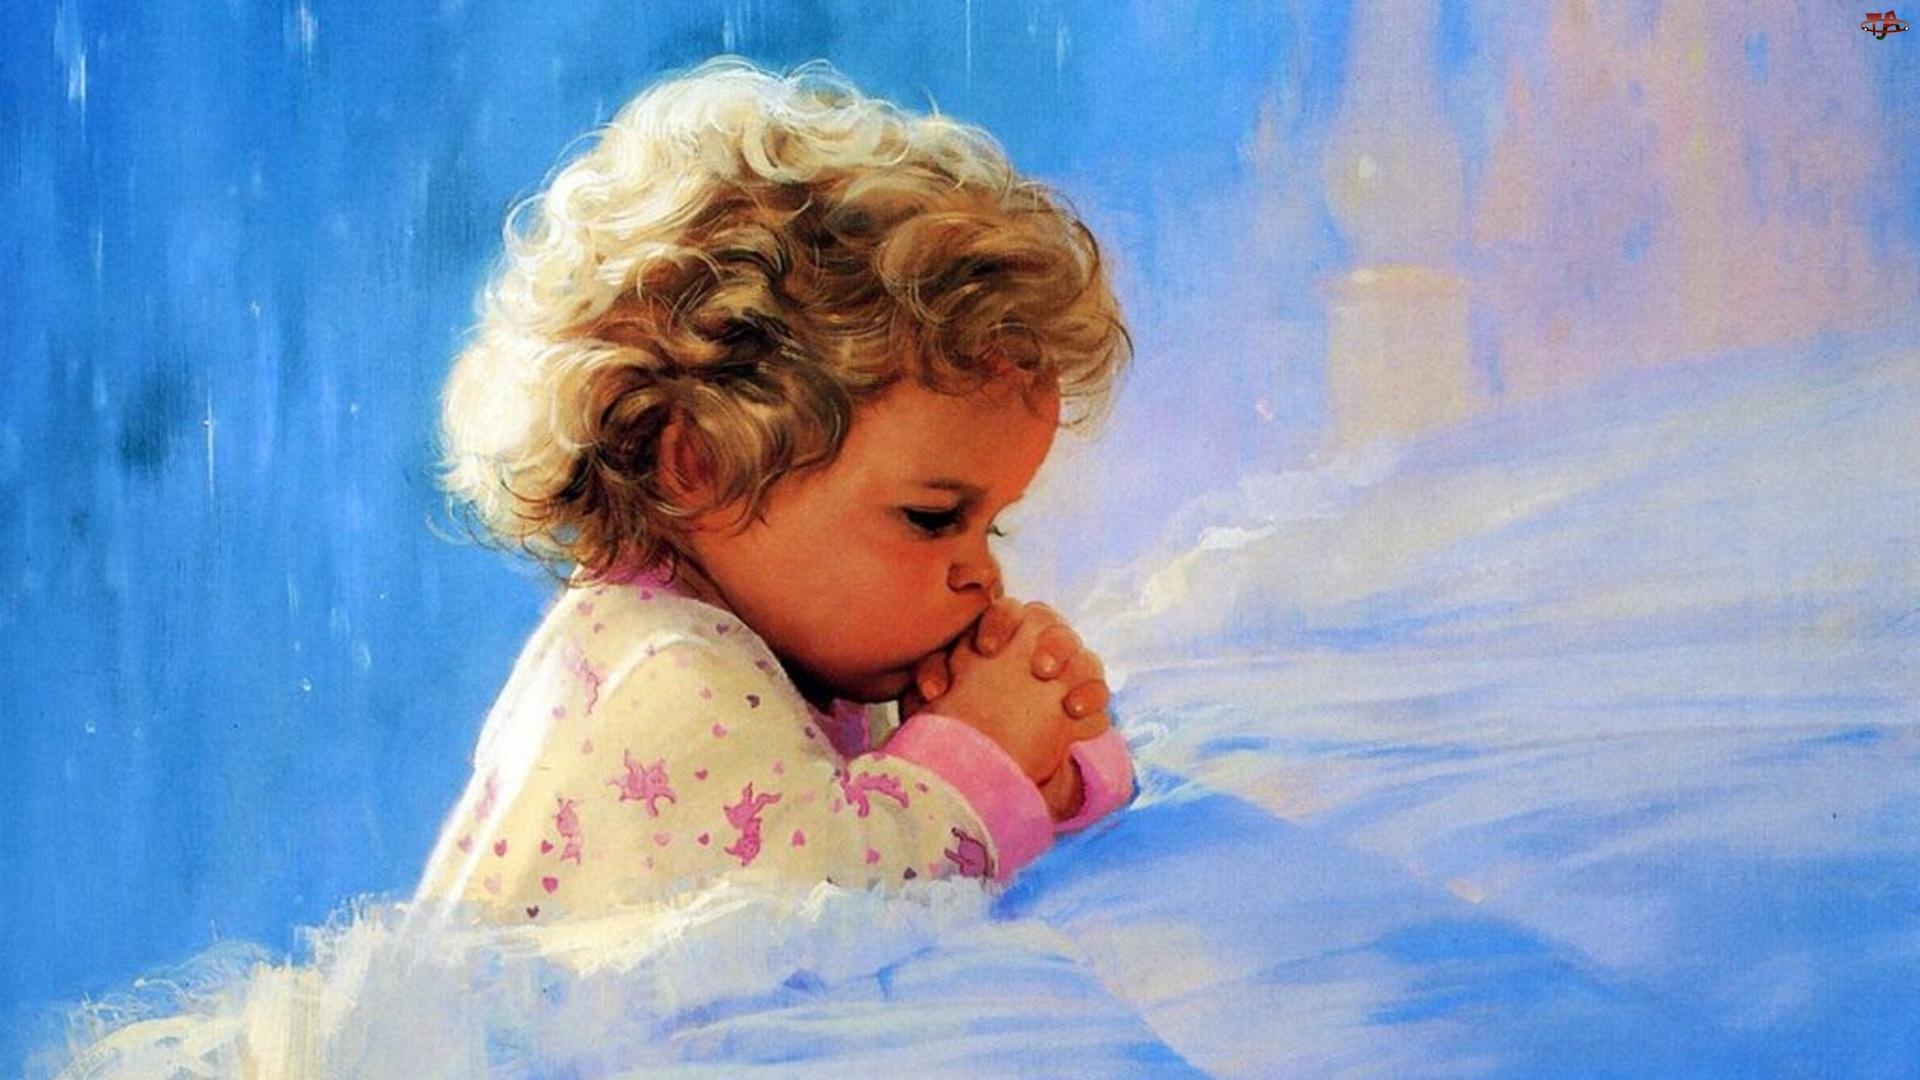 Картинки надеюсь что встретимся с изображением малыша и малышки, прикольные гифки